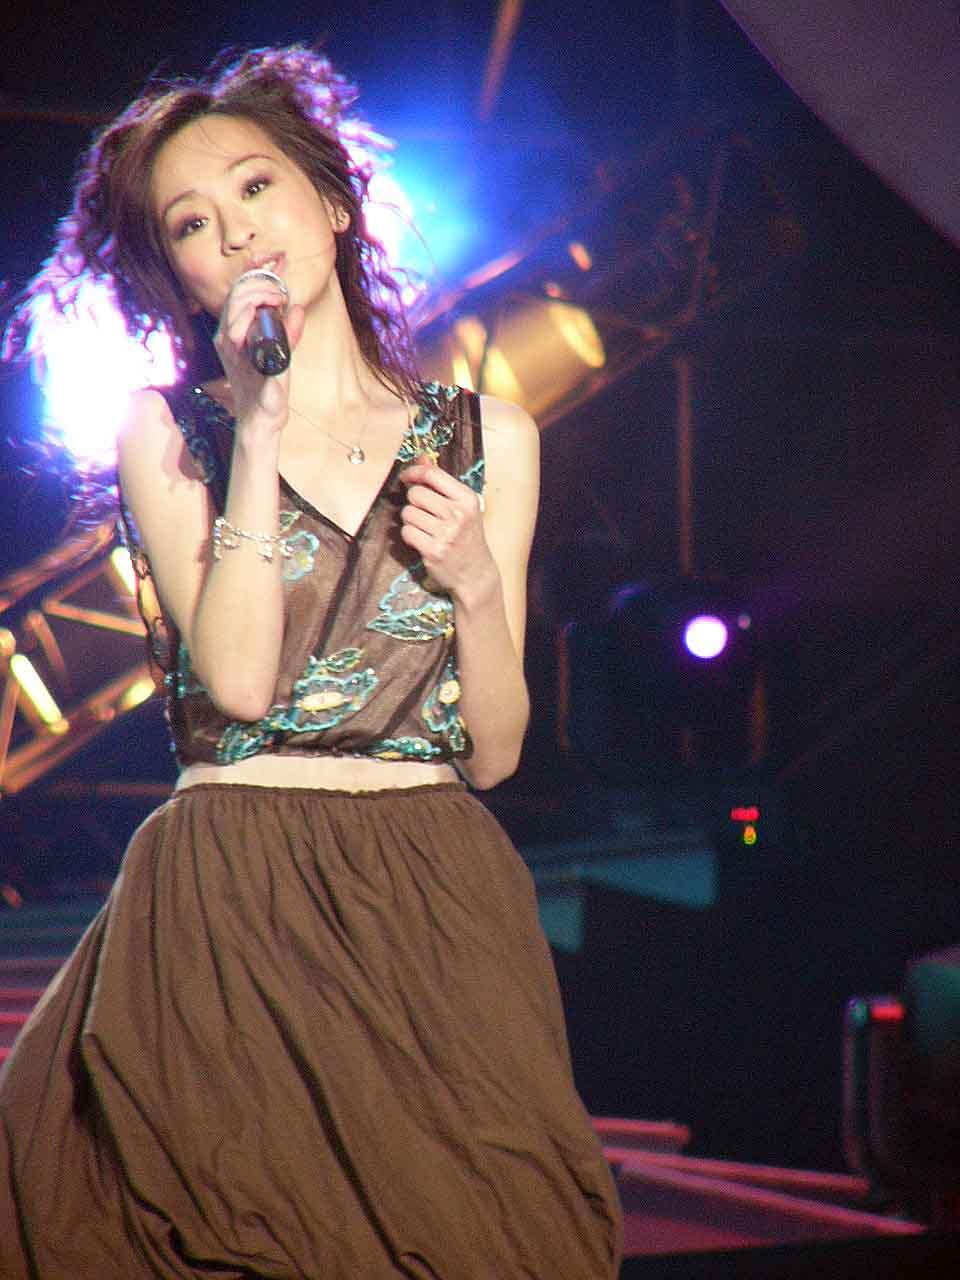 图文:2004中国TOP排行榜颁奖礼现场-王心凌